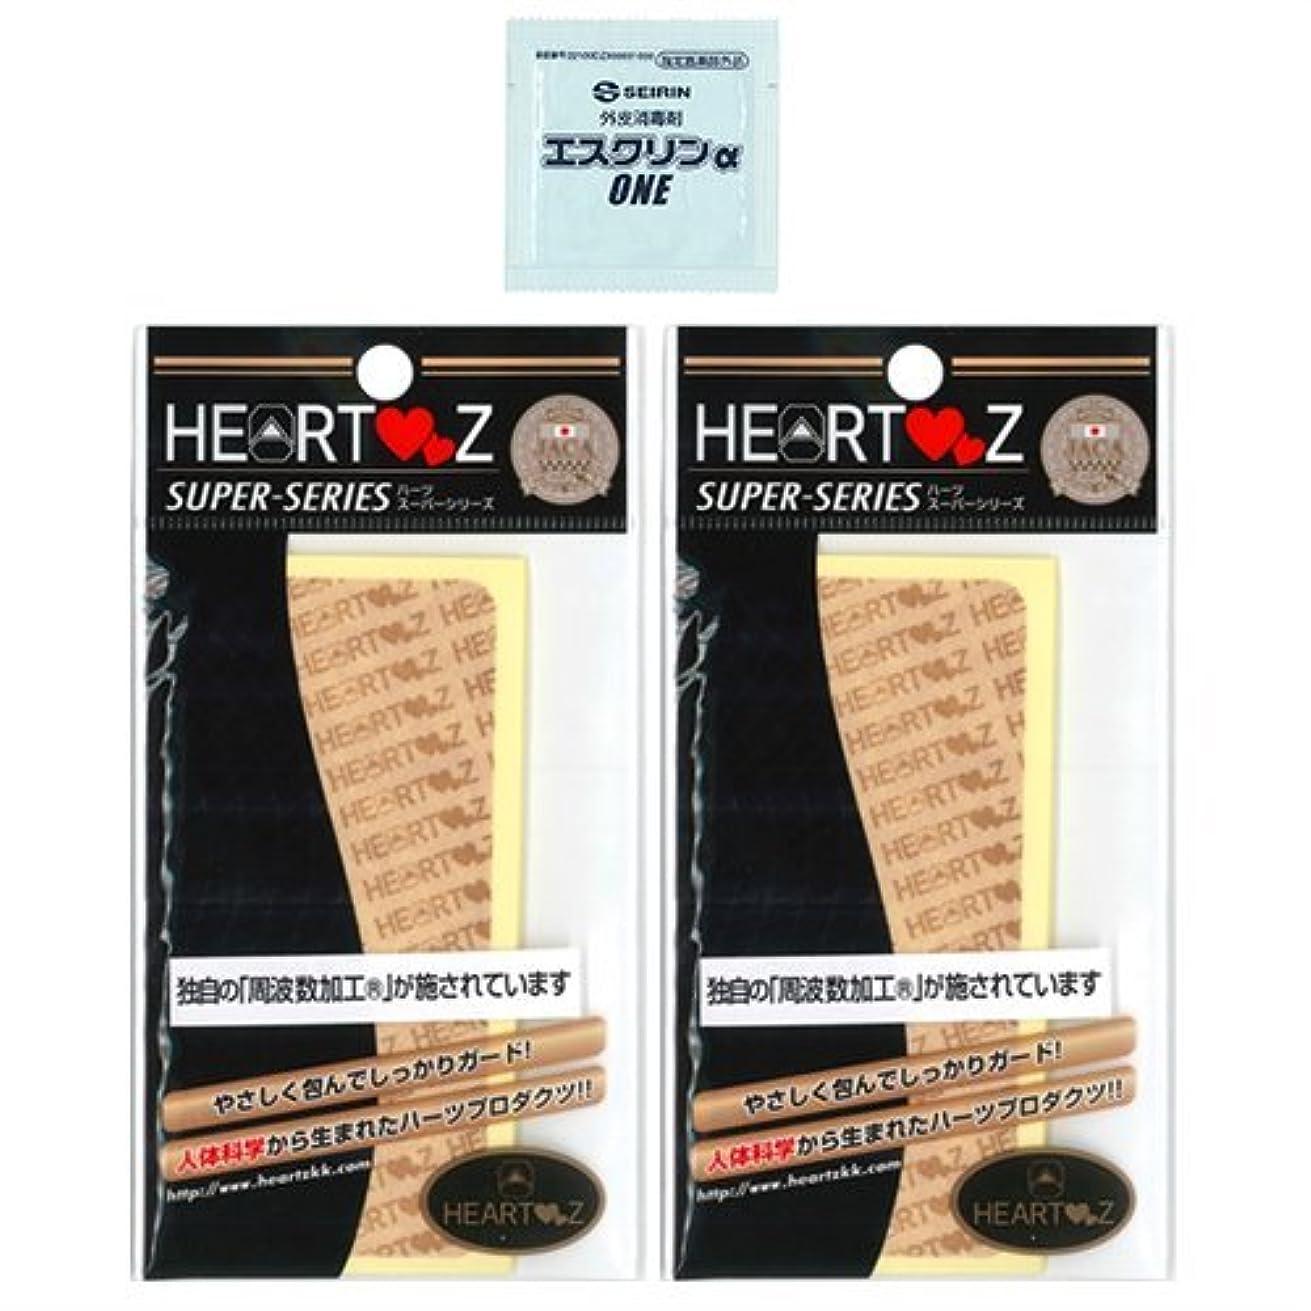 不正直ベスビオ山そこから【HEARTZ(ハーツ)】ハーツスーパーシール ベタ貼りタイプ 8枚入×2個セット (計16枚) + エスクリンαONEx1個 セット